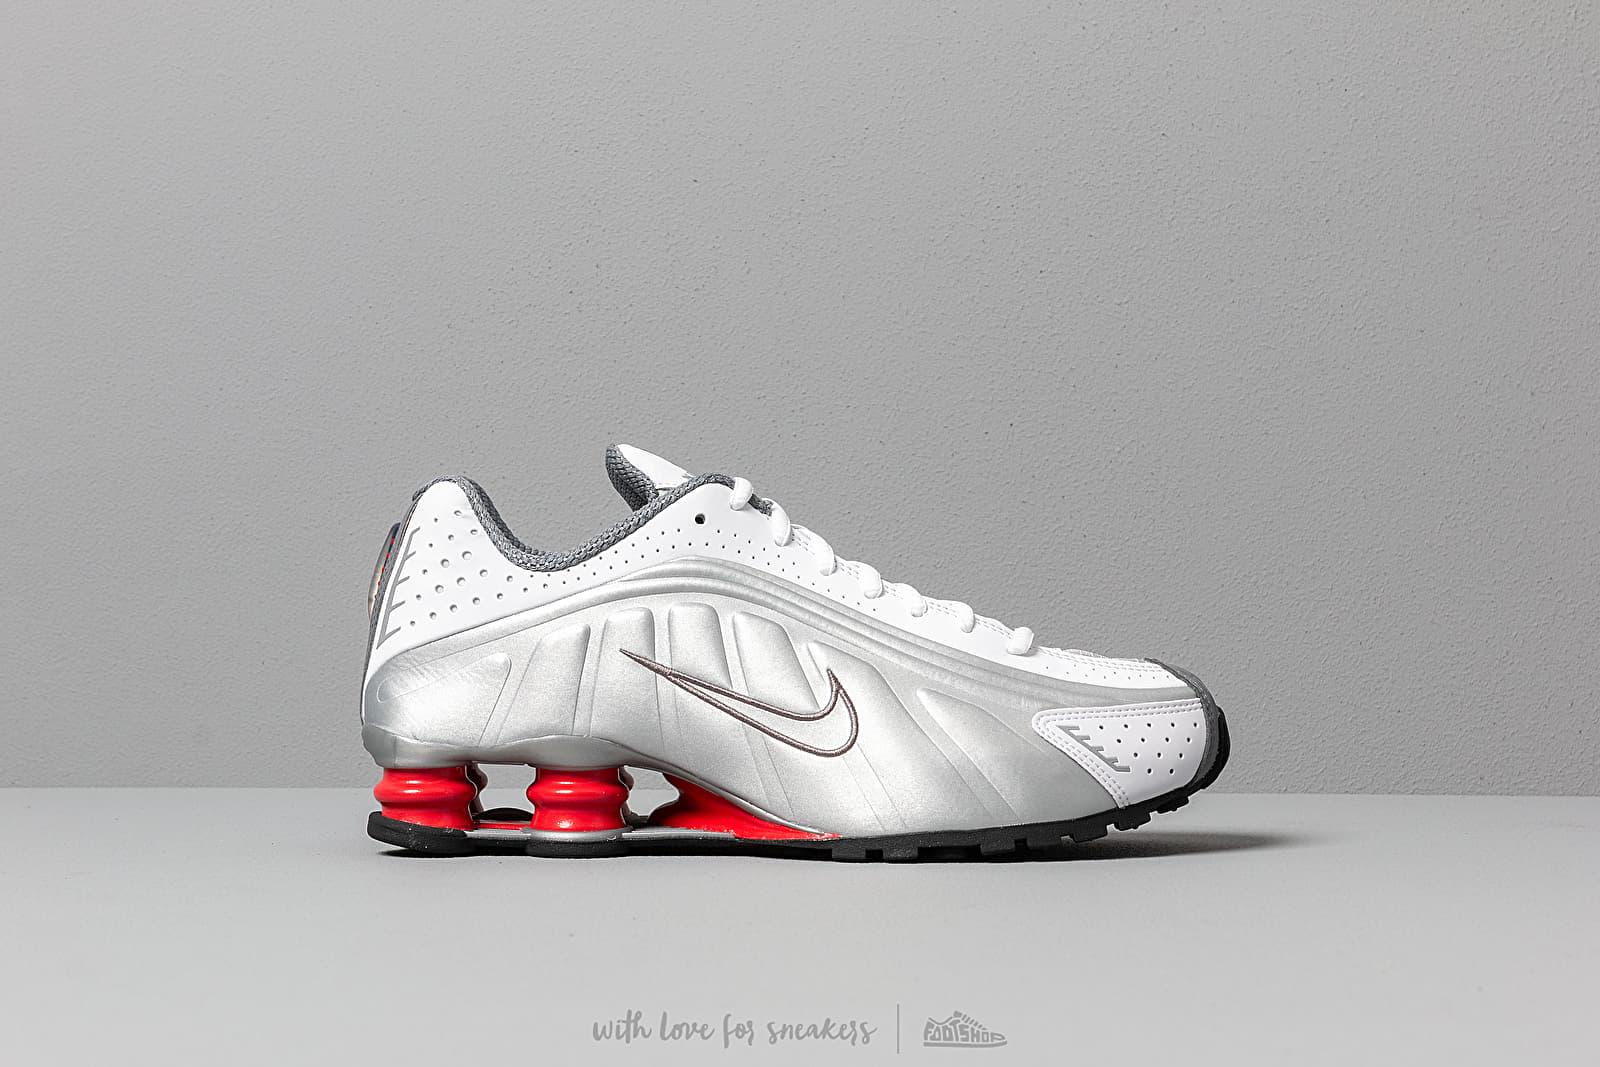 c162d43a5ab Nike Shox R4 White  Metallic Silver a muy buen precio 140 € comprar en  Footshop